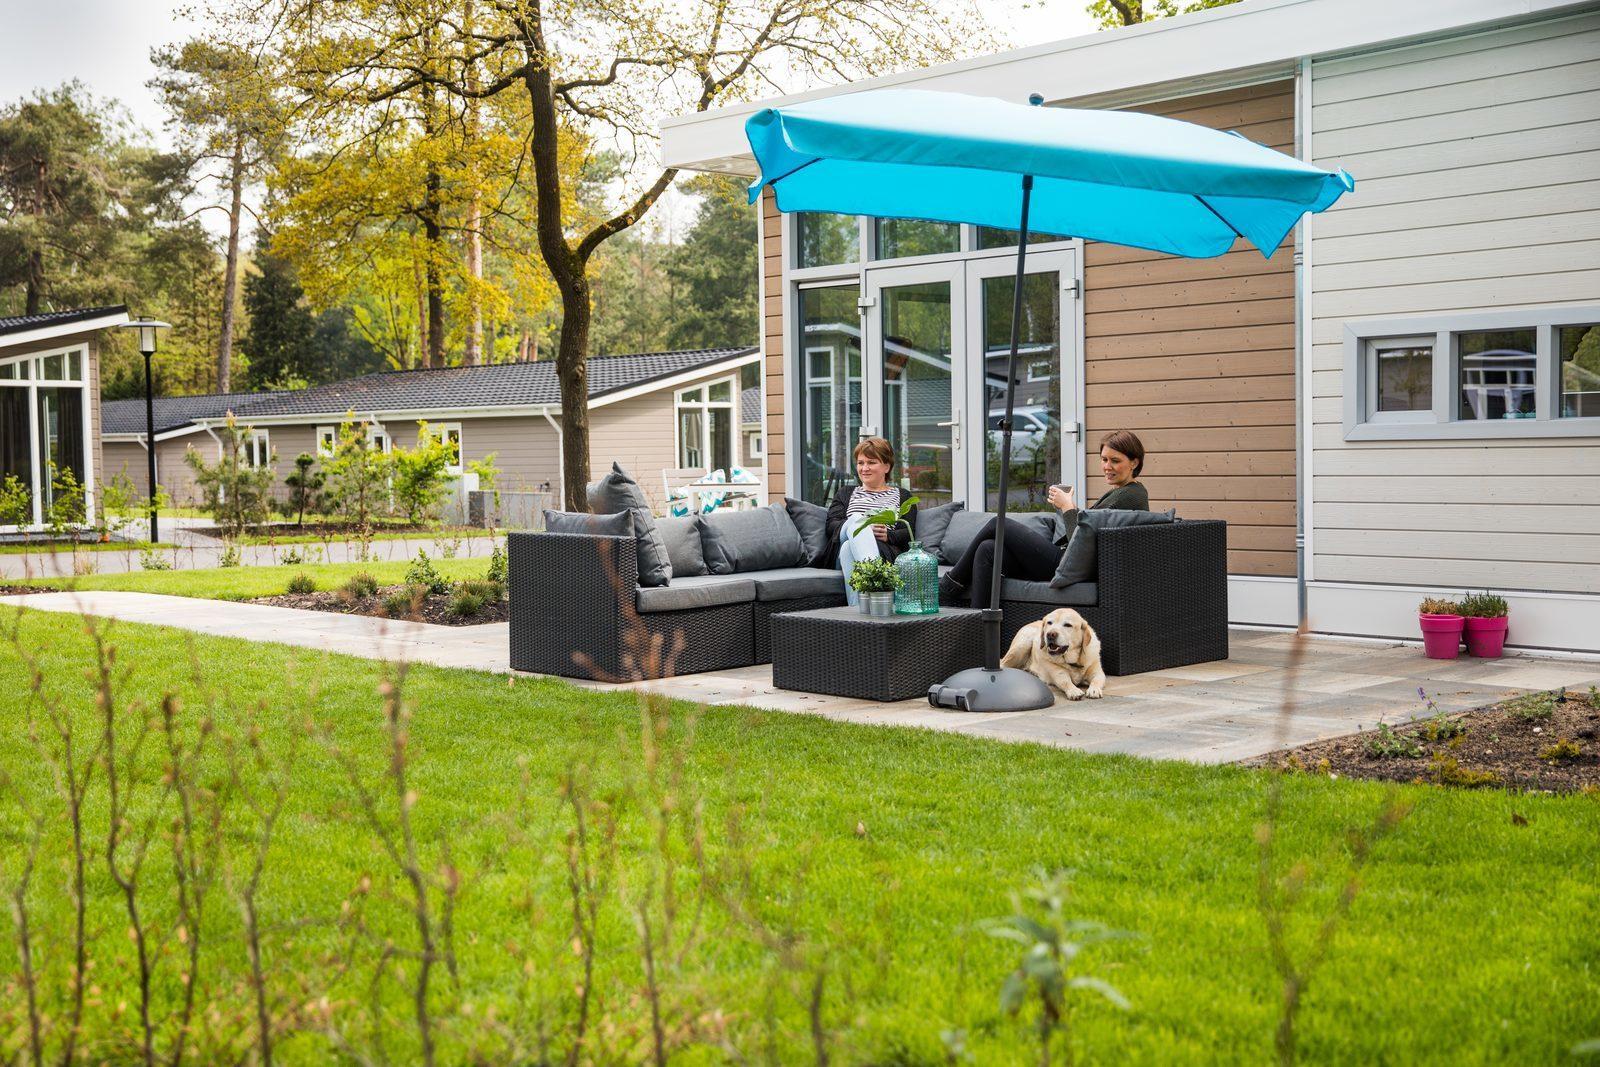 Leijhoeve at Recreatiepark Beekbergen